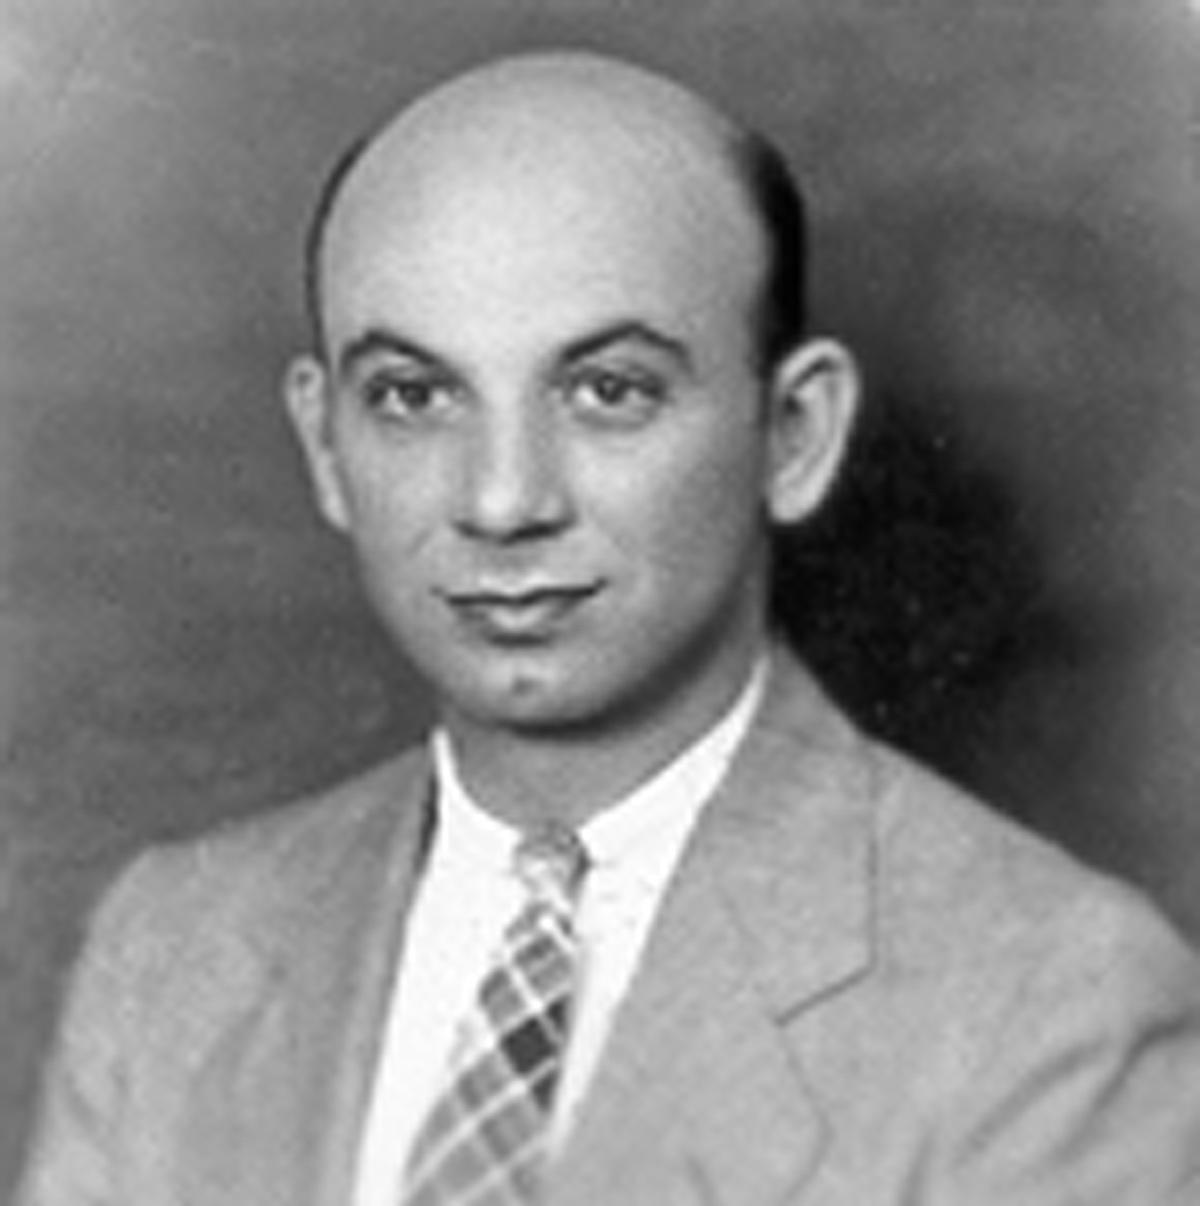 Leo Karczag, aki életét megváltoztatta az 'Abdu'l-Bahával való találkozás